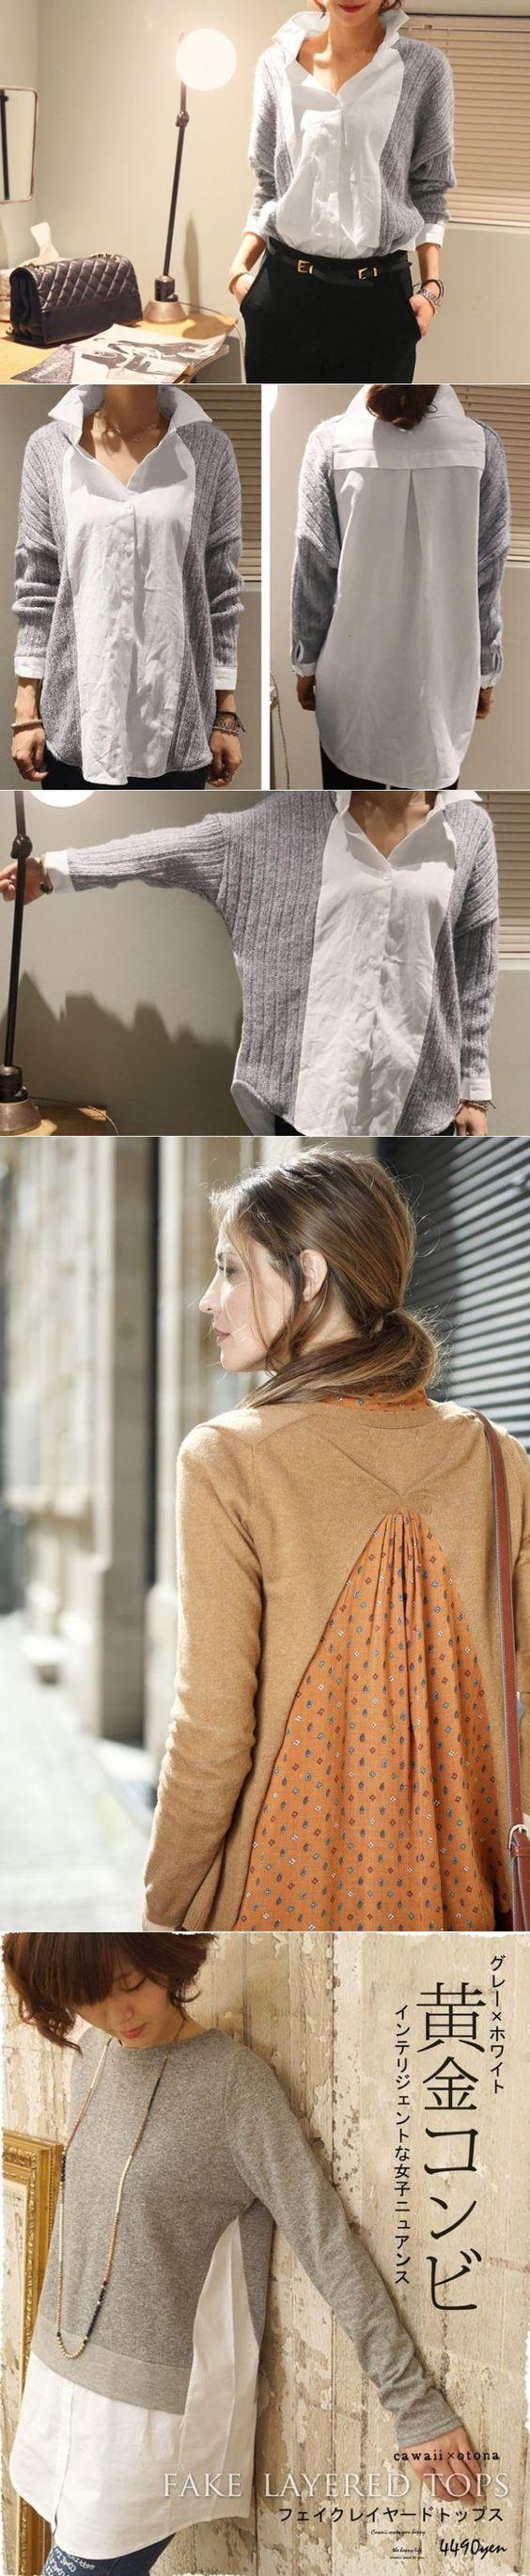 Скрестить свитер с блузкой (подборка) / Свитер или кардиган: вторая жизнь / Своими руками - выкройки, переделка одежды, декор интерьера своими руками - от ВТОРАЯ УЛИЦА: